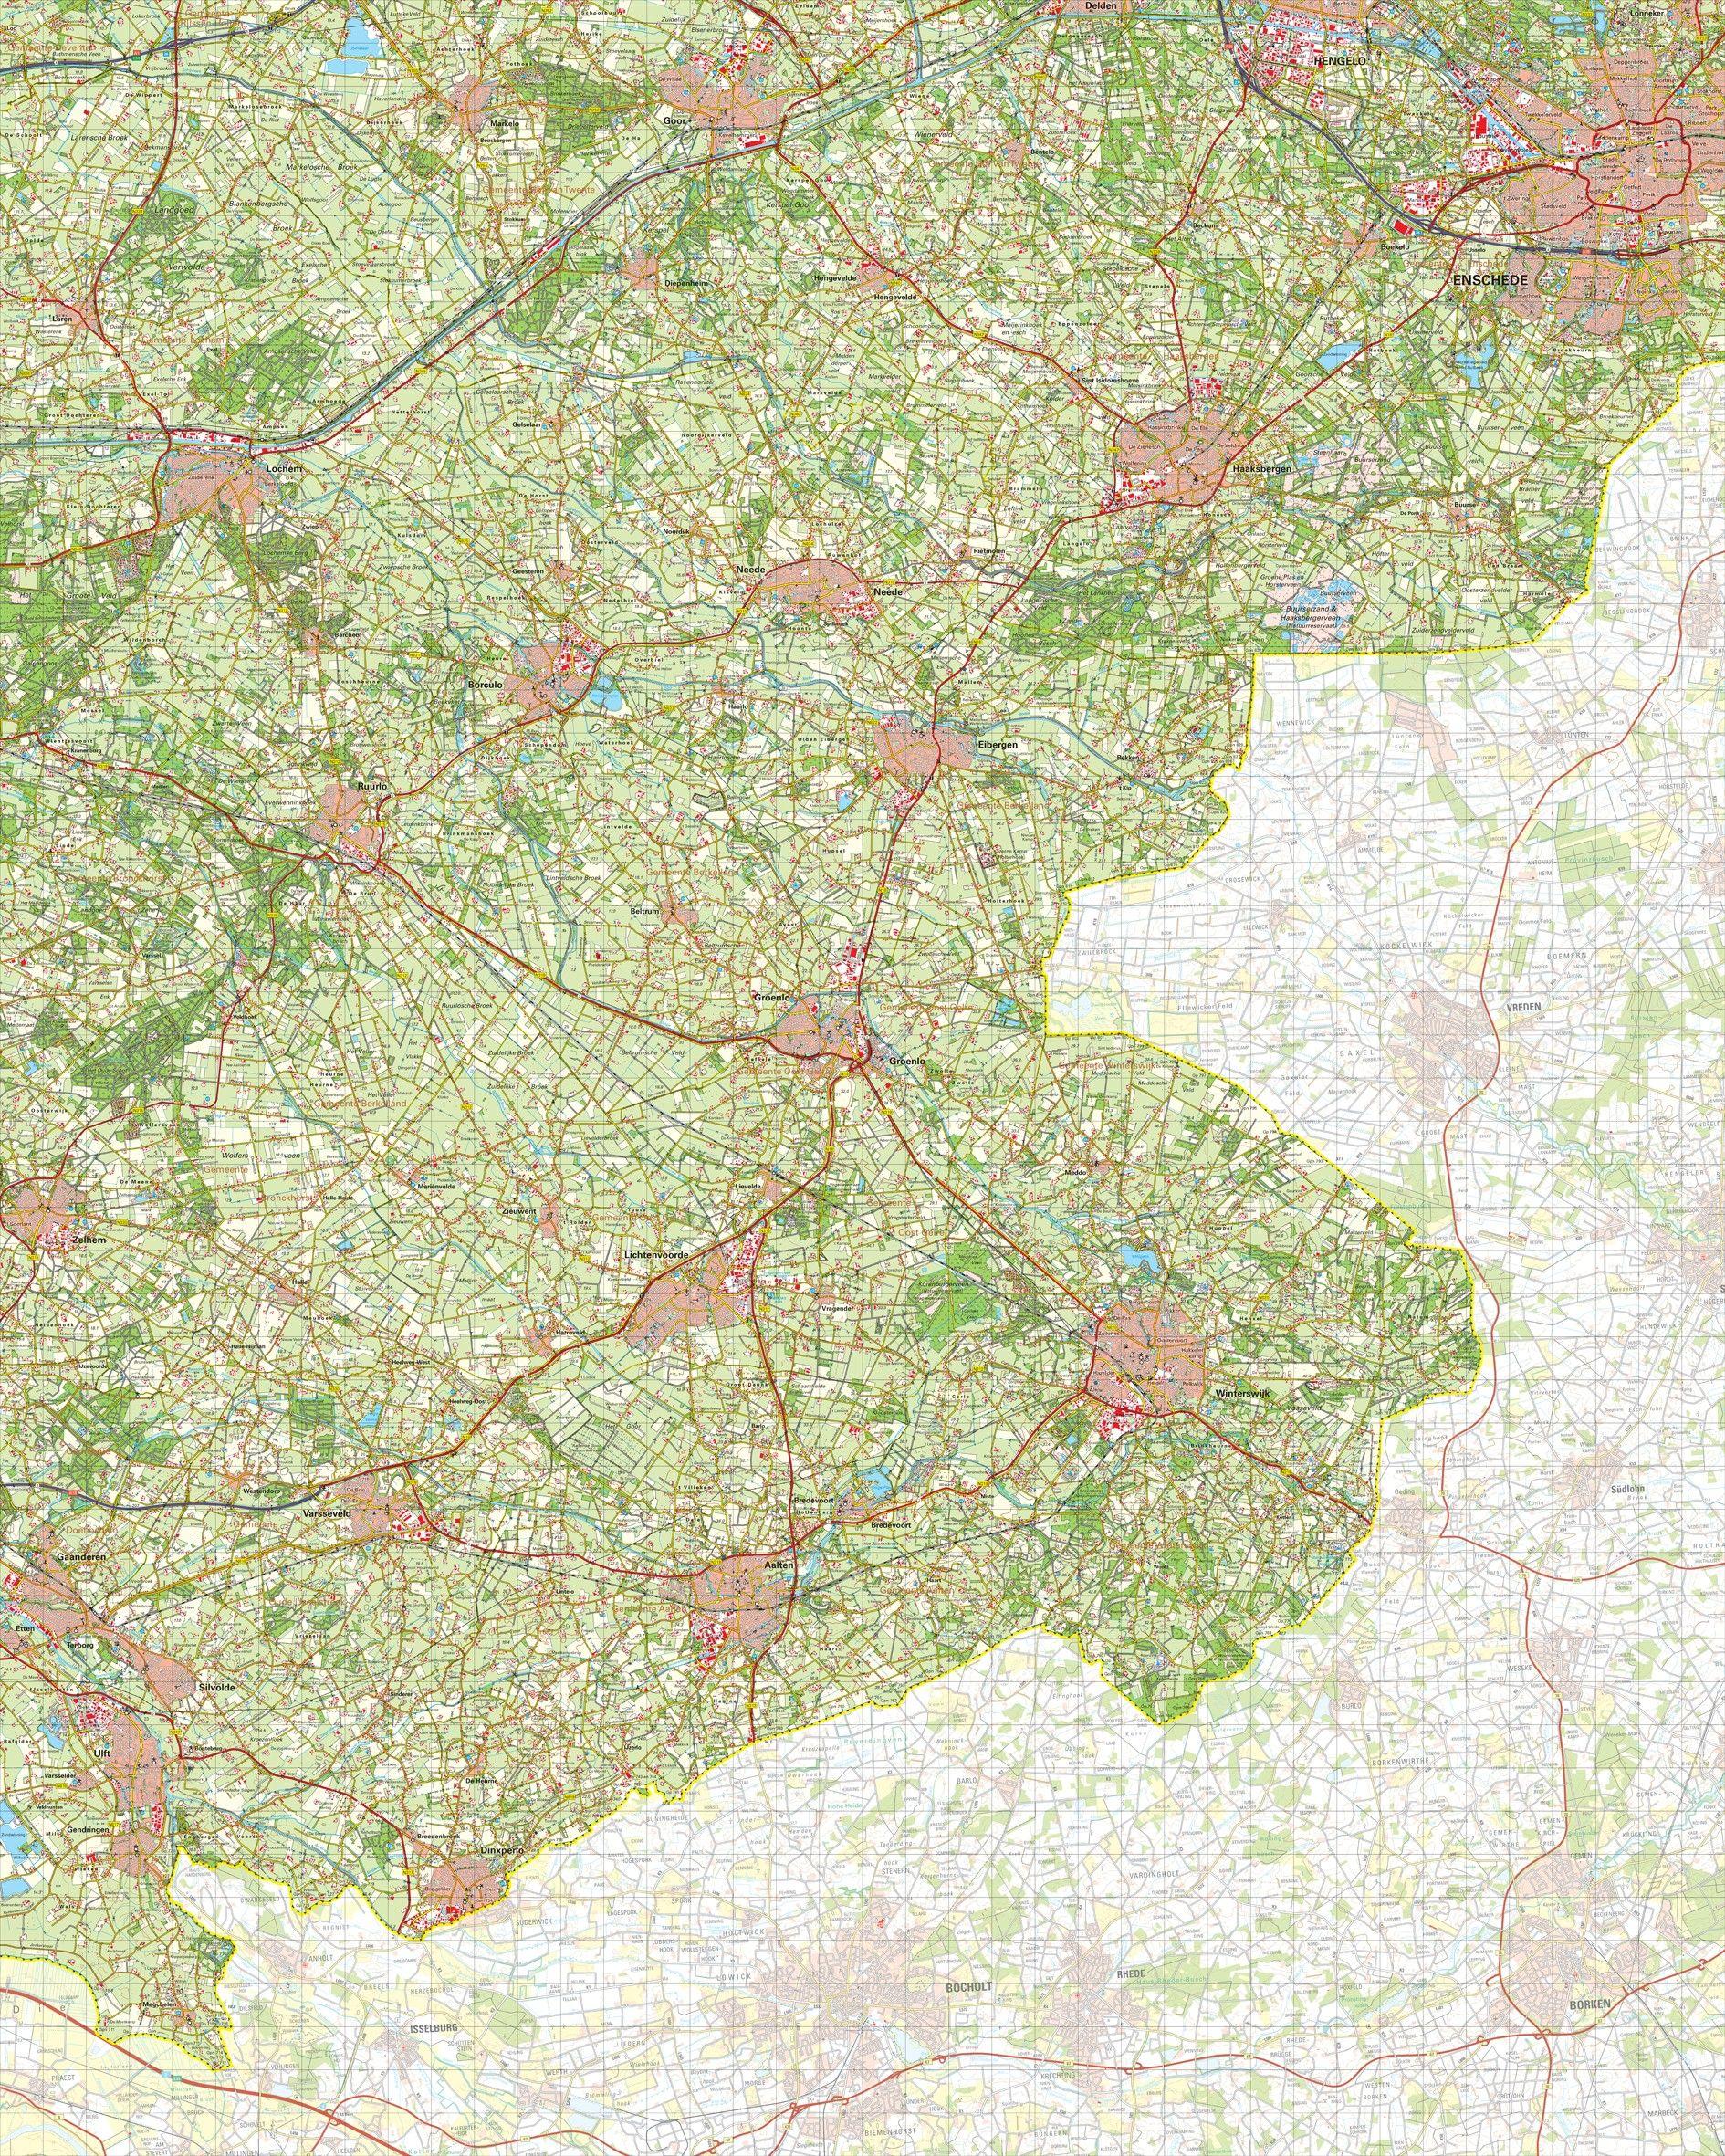 Topografische kaart schaal 1:50.000 (Enschede,Haaksbergen,Lichtenvoorde,Winterswijk)